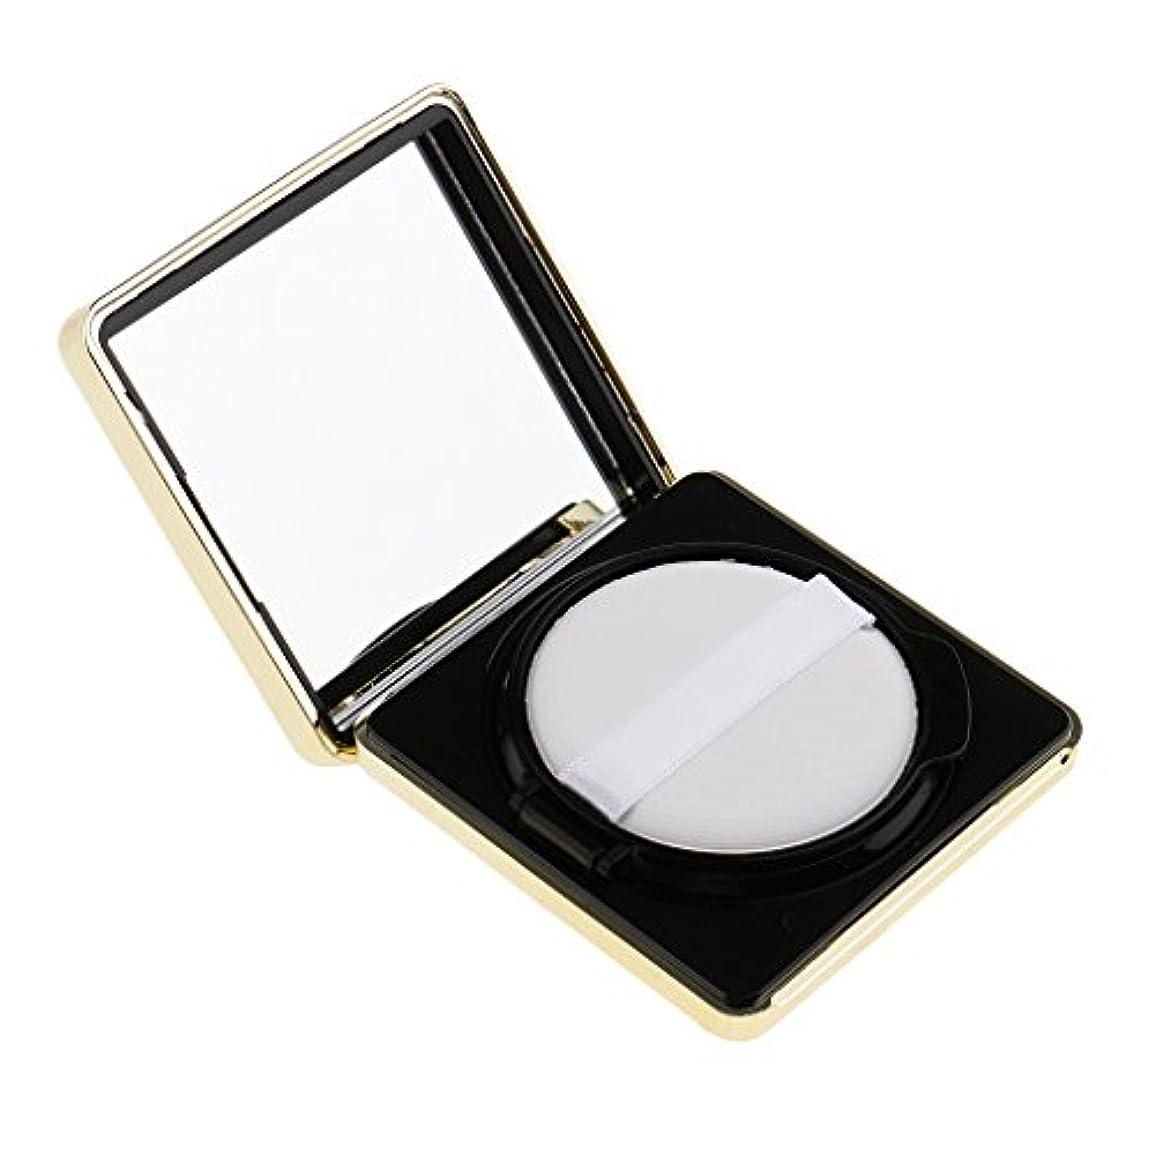 引退する初心者入植者エアクッションボックス パウダーパフ コスメ パフ 空パレット メイクアップ DIY 化粧品 詰替え 旅行 便利 3色選べる - ブラック